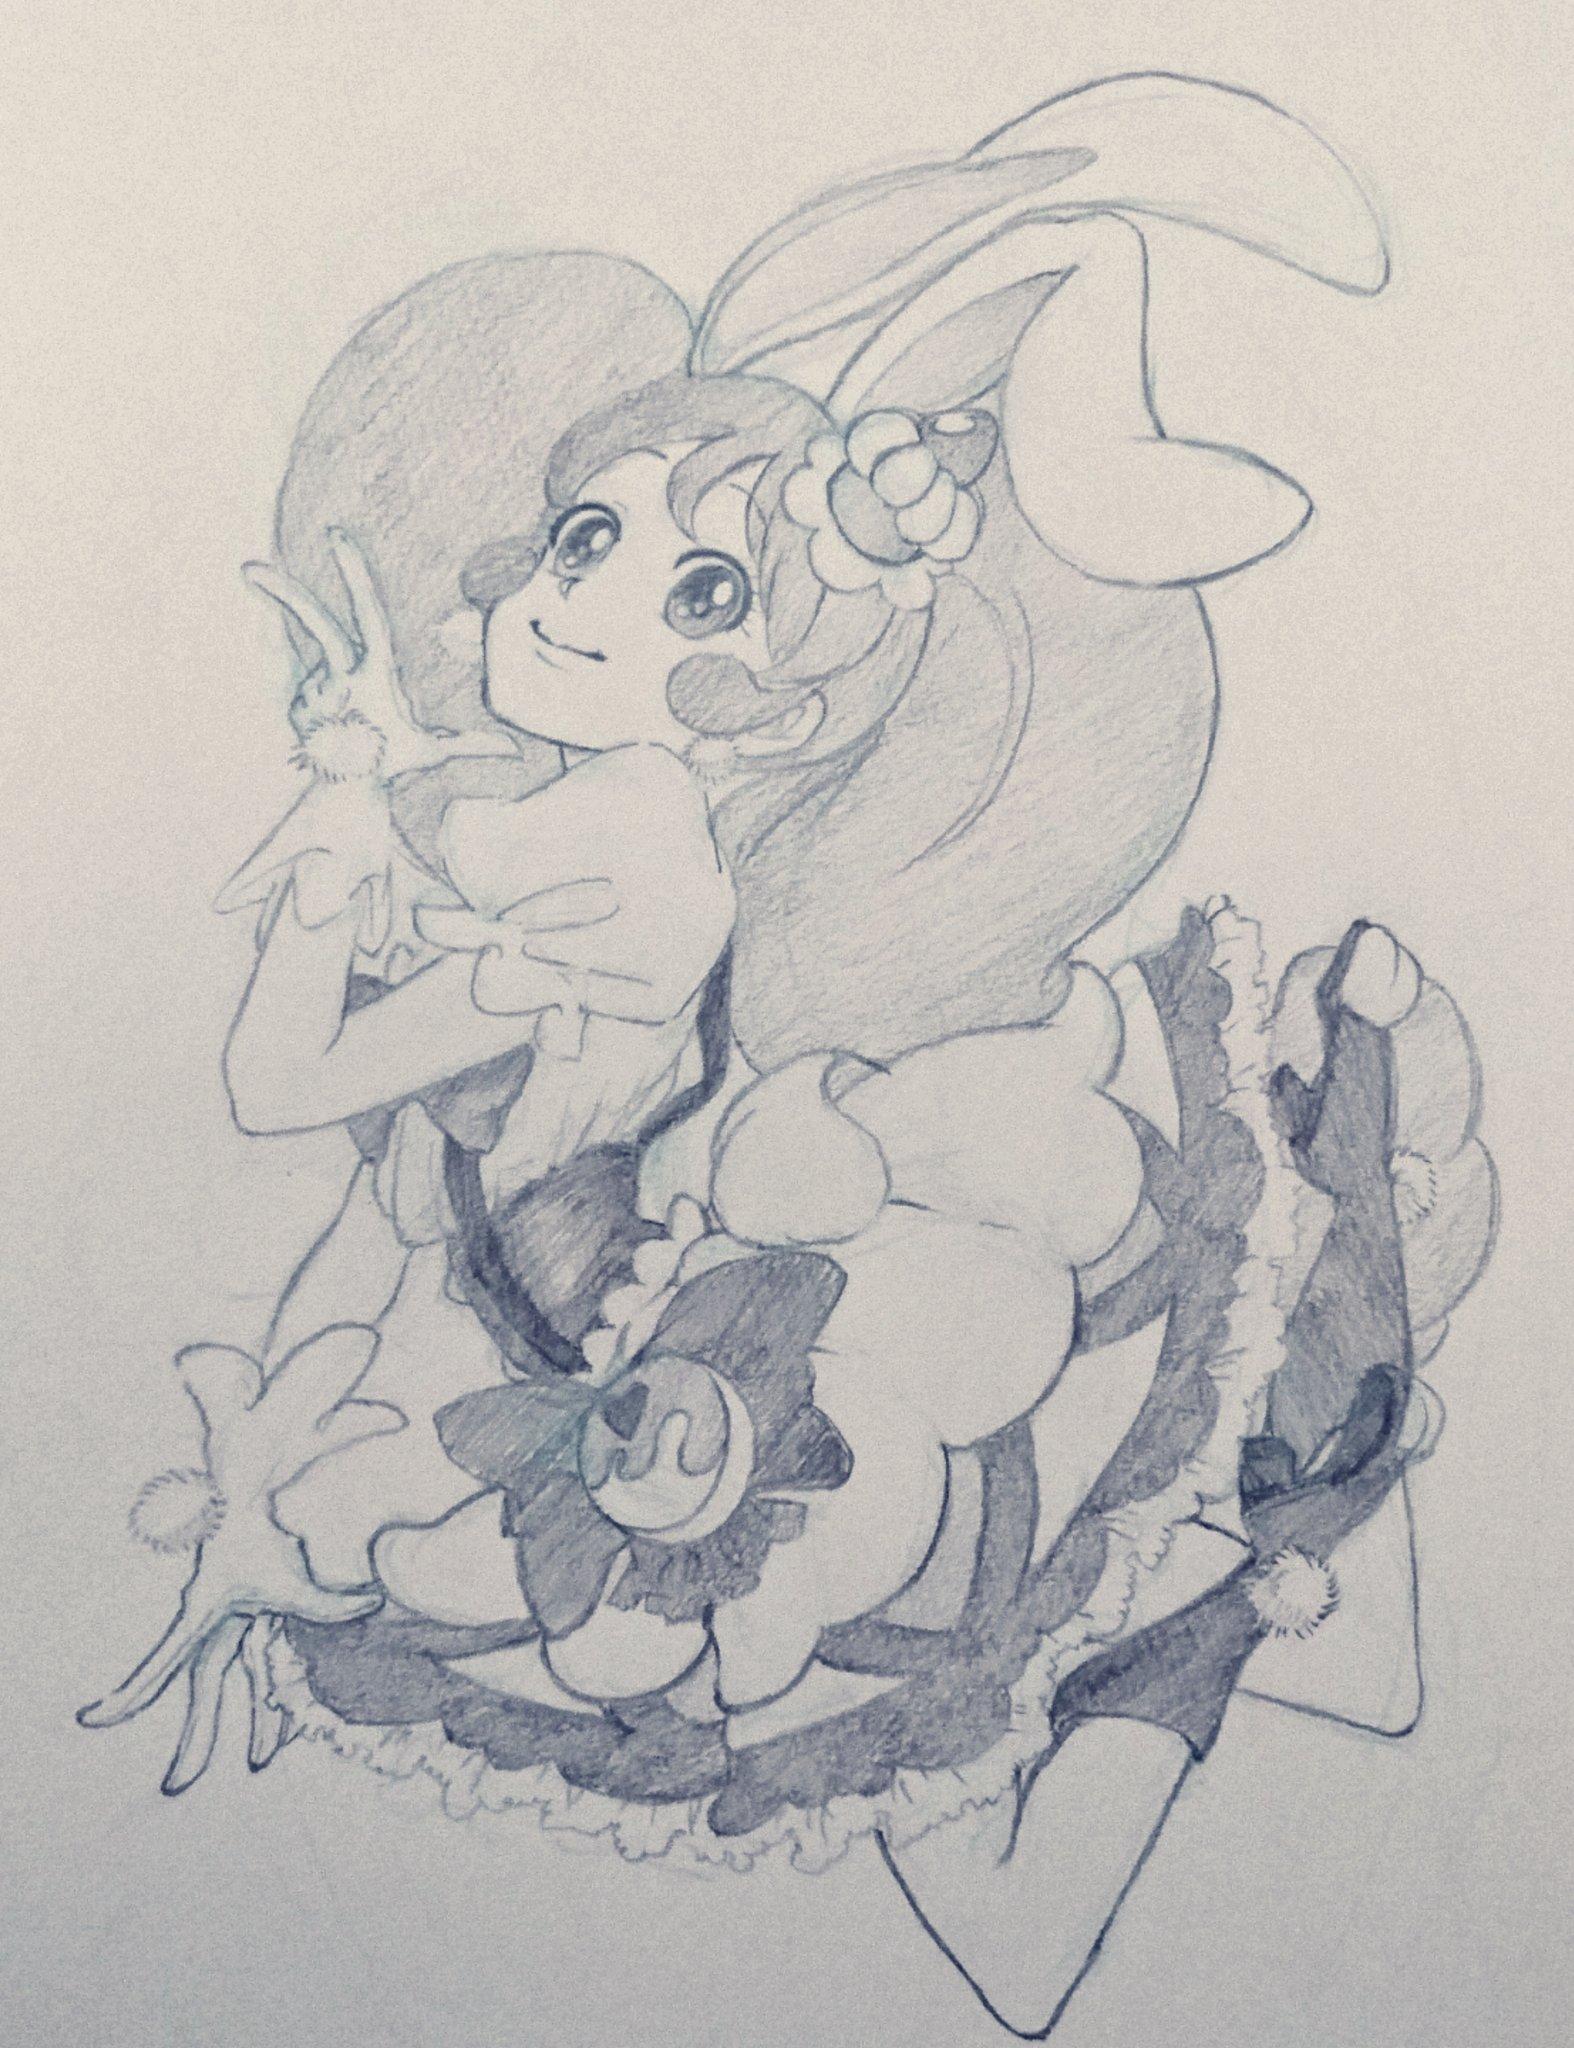 むつ木🌳 (@study_sumikko)さんのイラスト